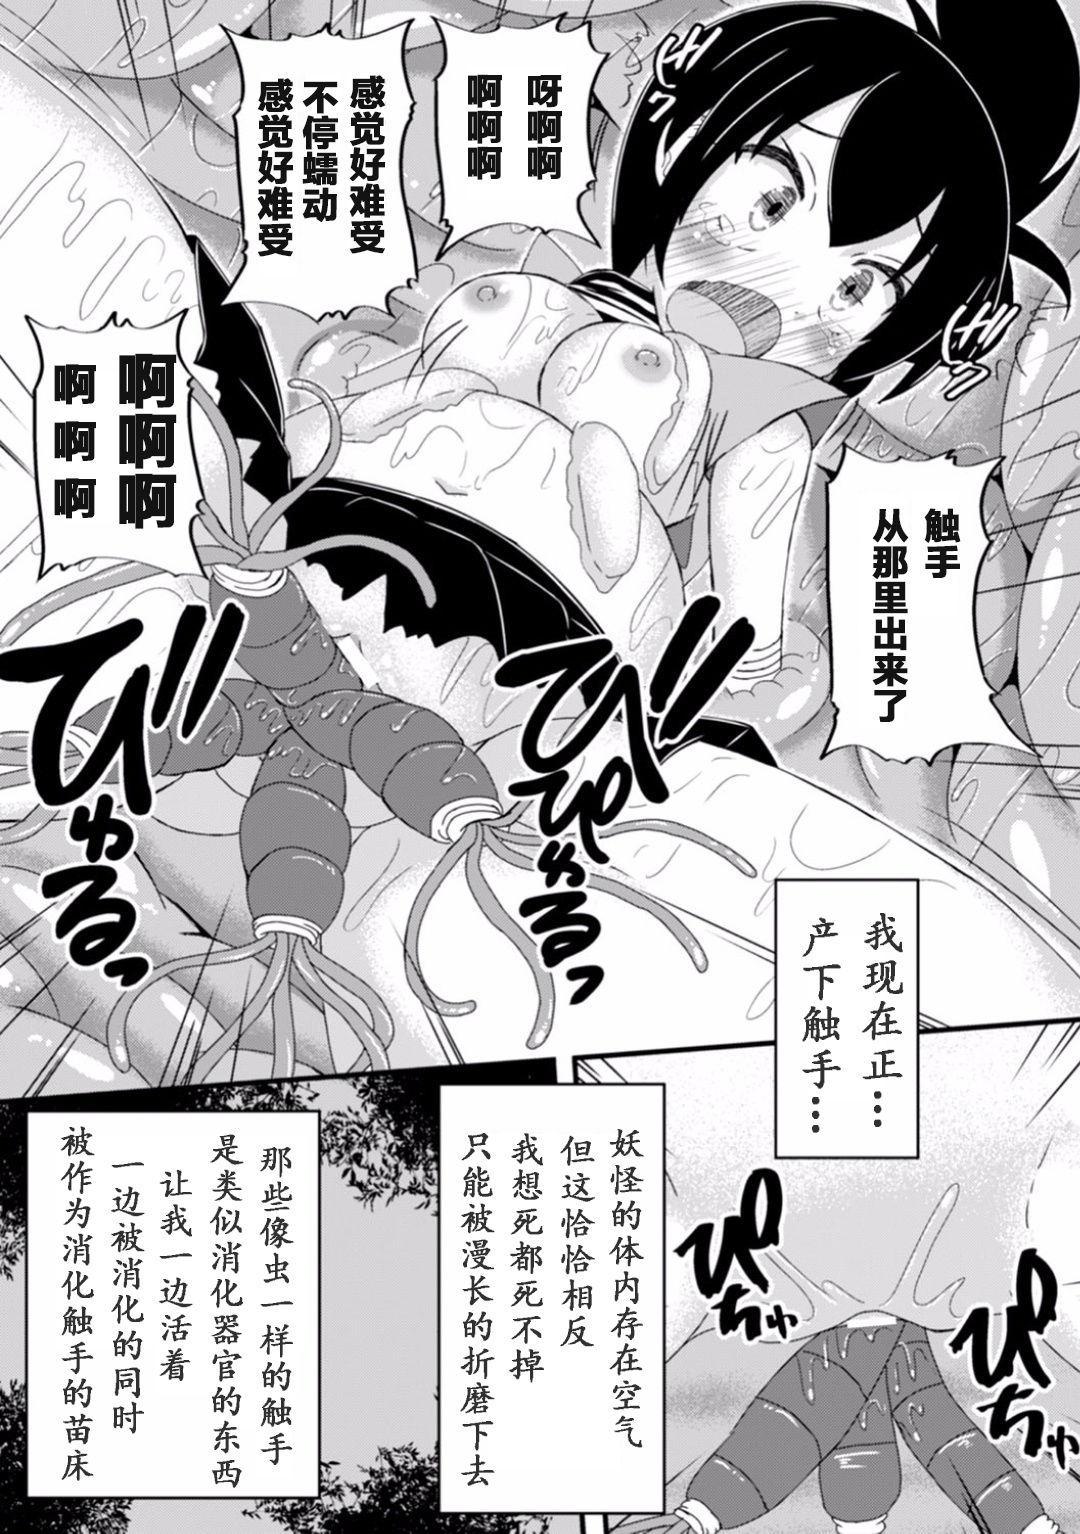 2D Comic Magazine Shokushu ni Kiseisareshi Otome no Karada Vol. 1 82